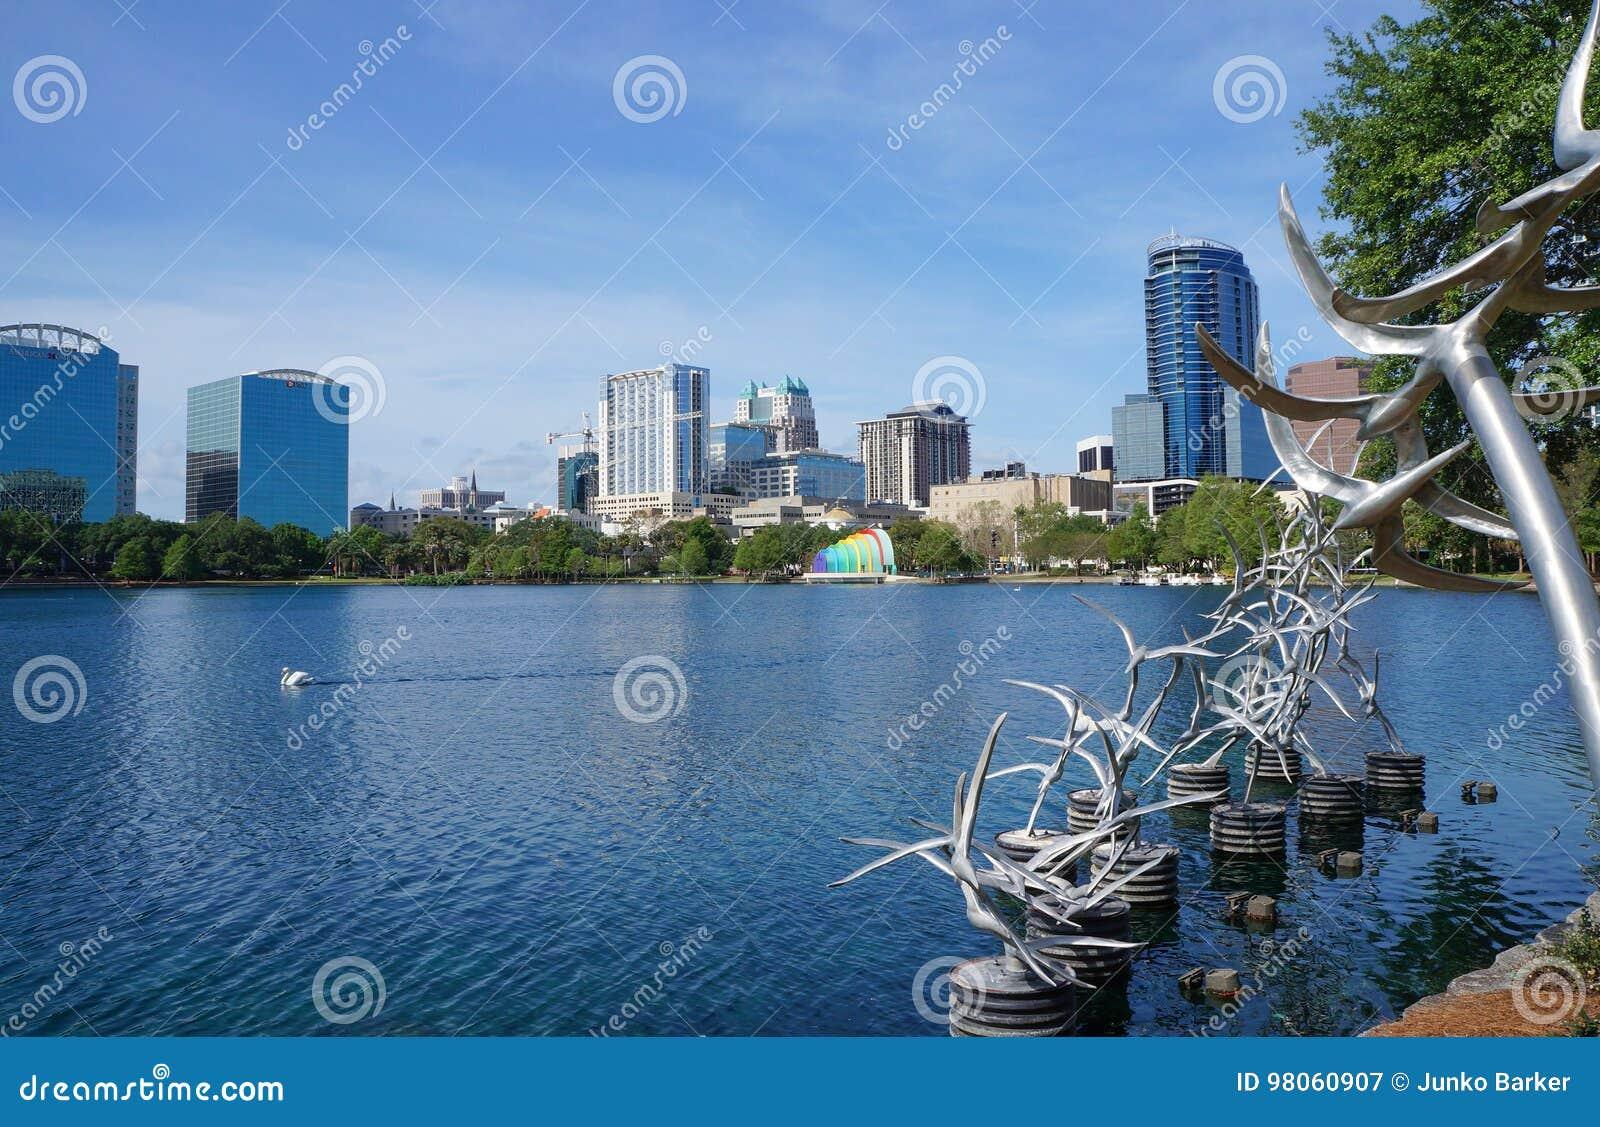 Sjö Eola, höghus, horisont och springbrunn i stadens centrum Orlando, Florida, Förenta staterna, April 27, 2017